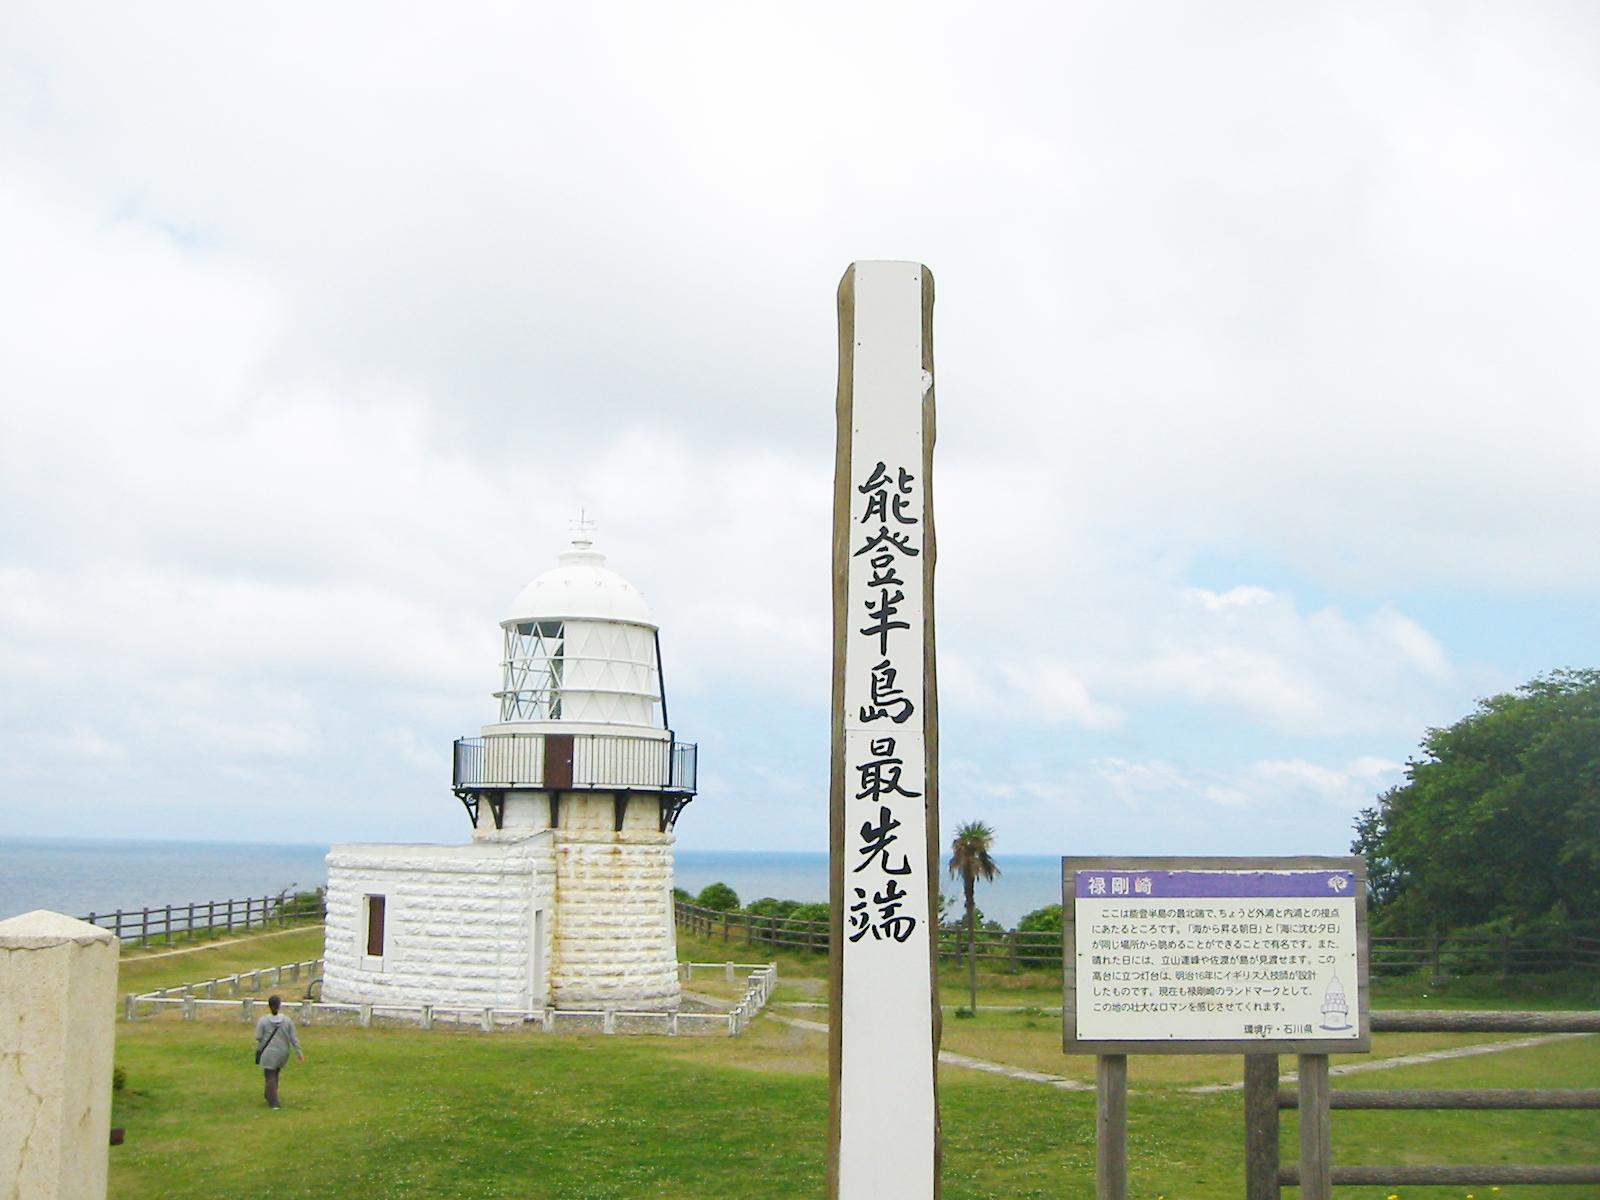 石川県 禄剛崎灯台 | DUNLOP pre...